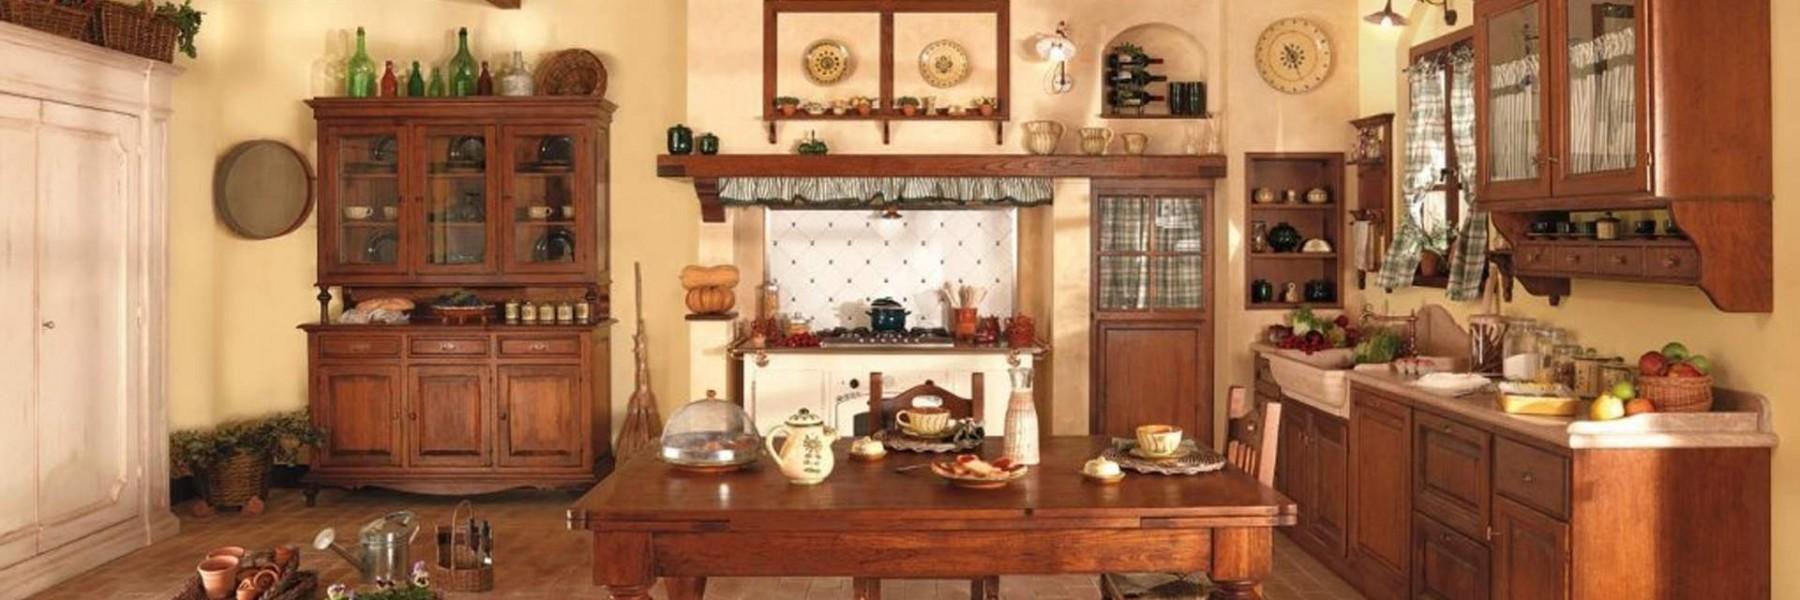 Cucine in muratura antichi sapori - Mobili rustici per cucina ...